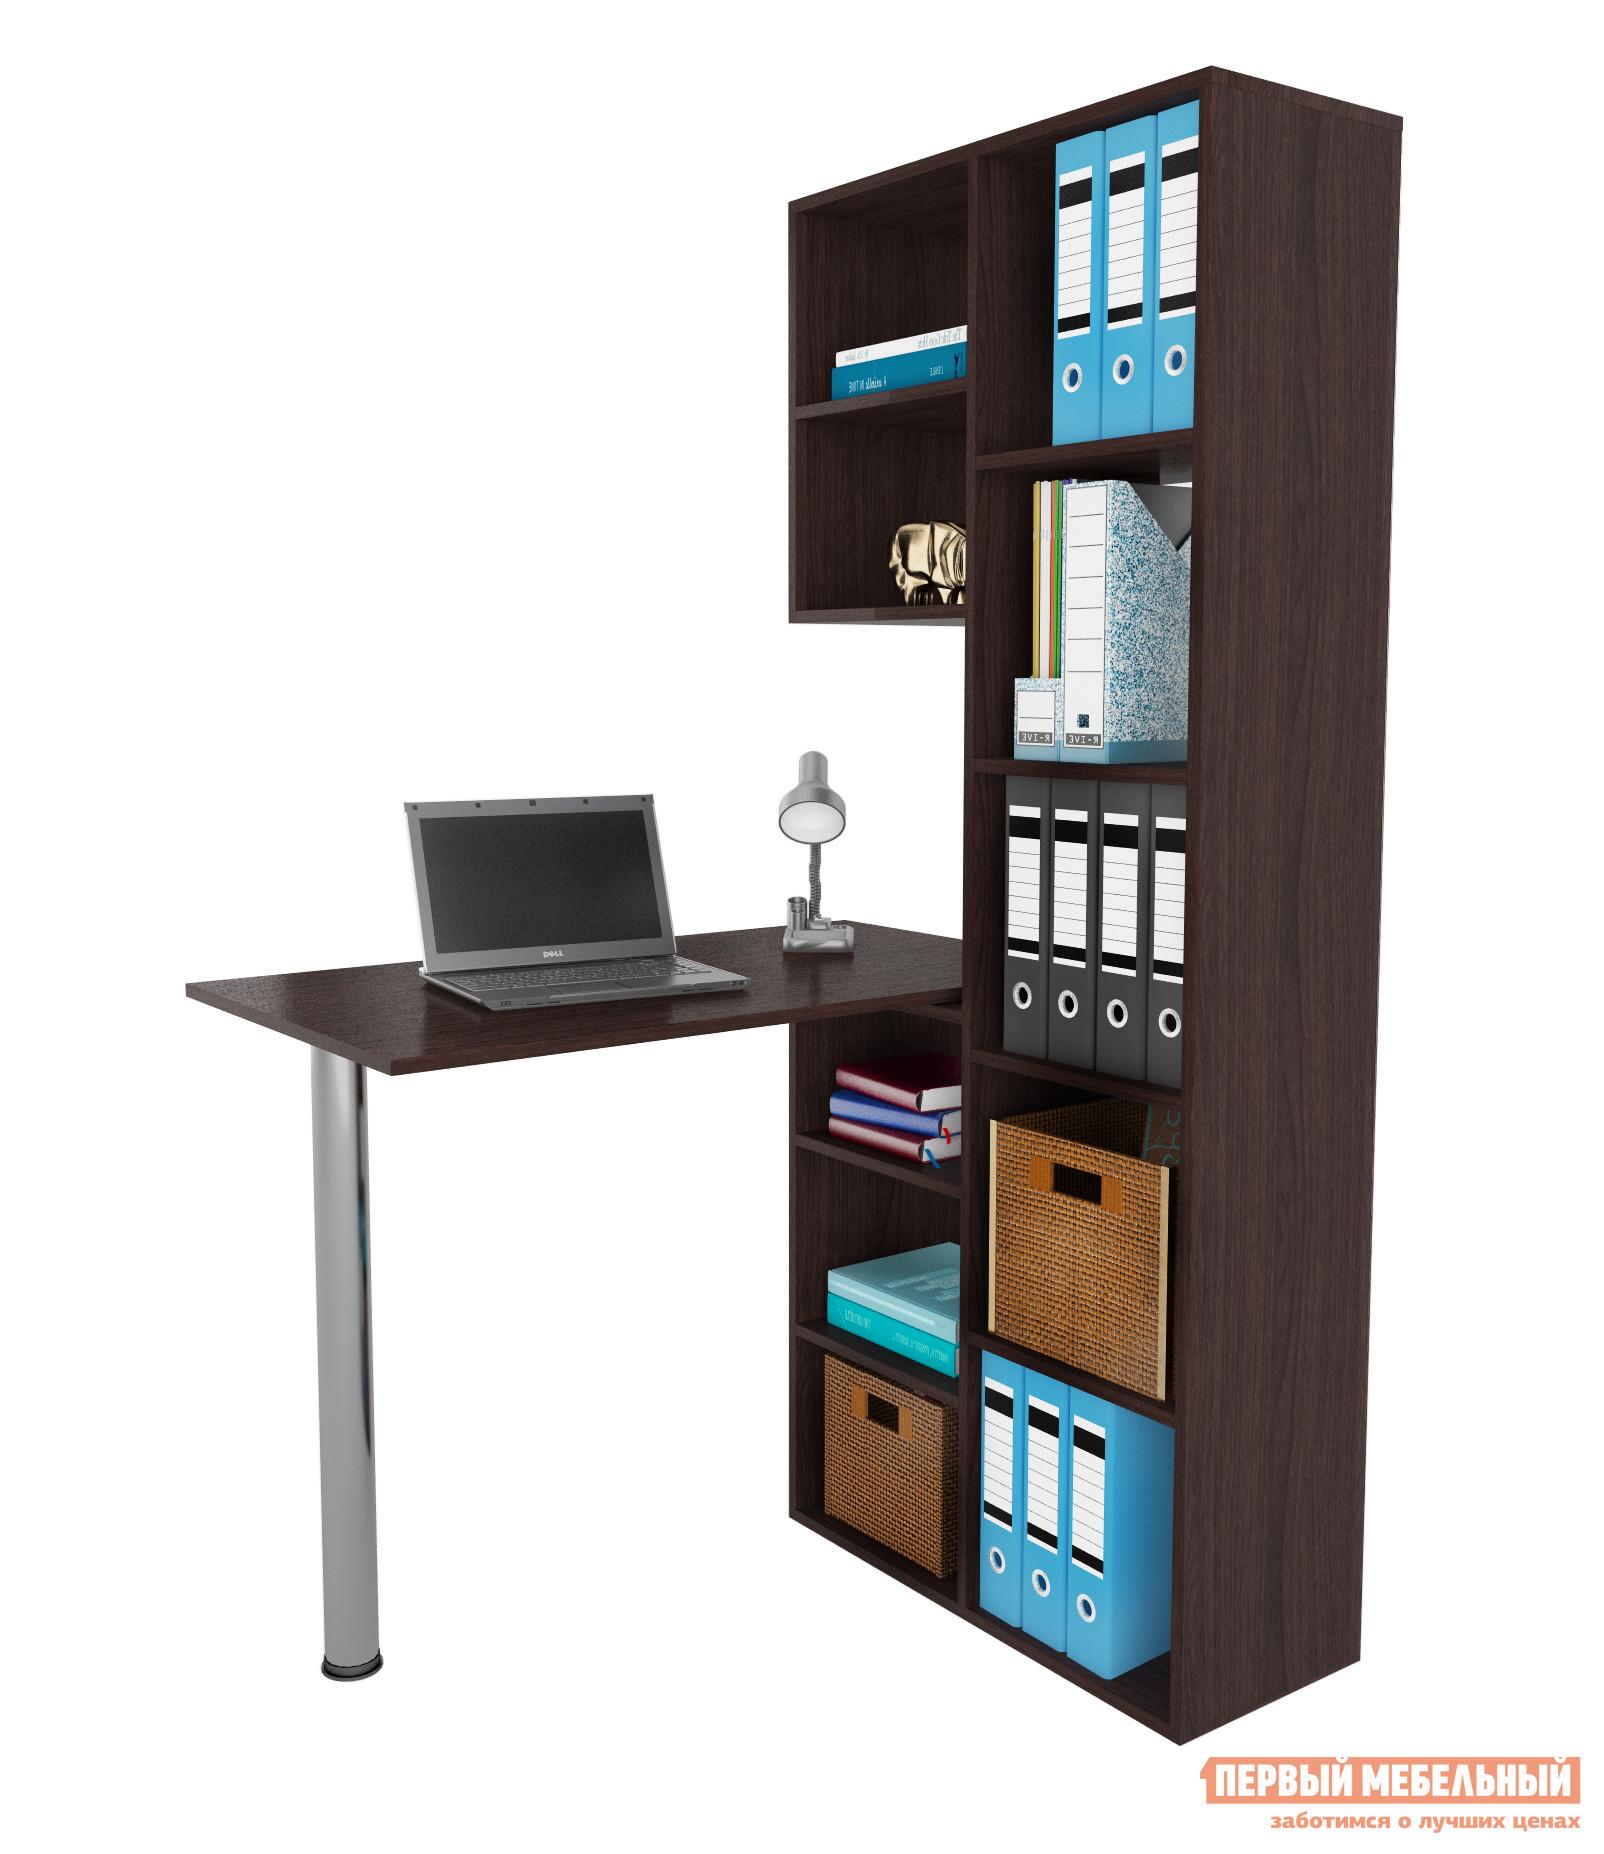 Угловой компьютерный стол МФ Мастер Рикс-2 + Рикс-6 компьютерный стол мф мастер корнет 1 угловой